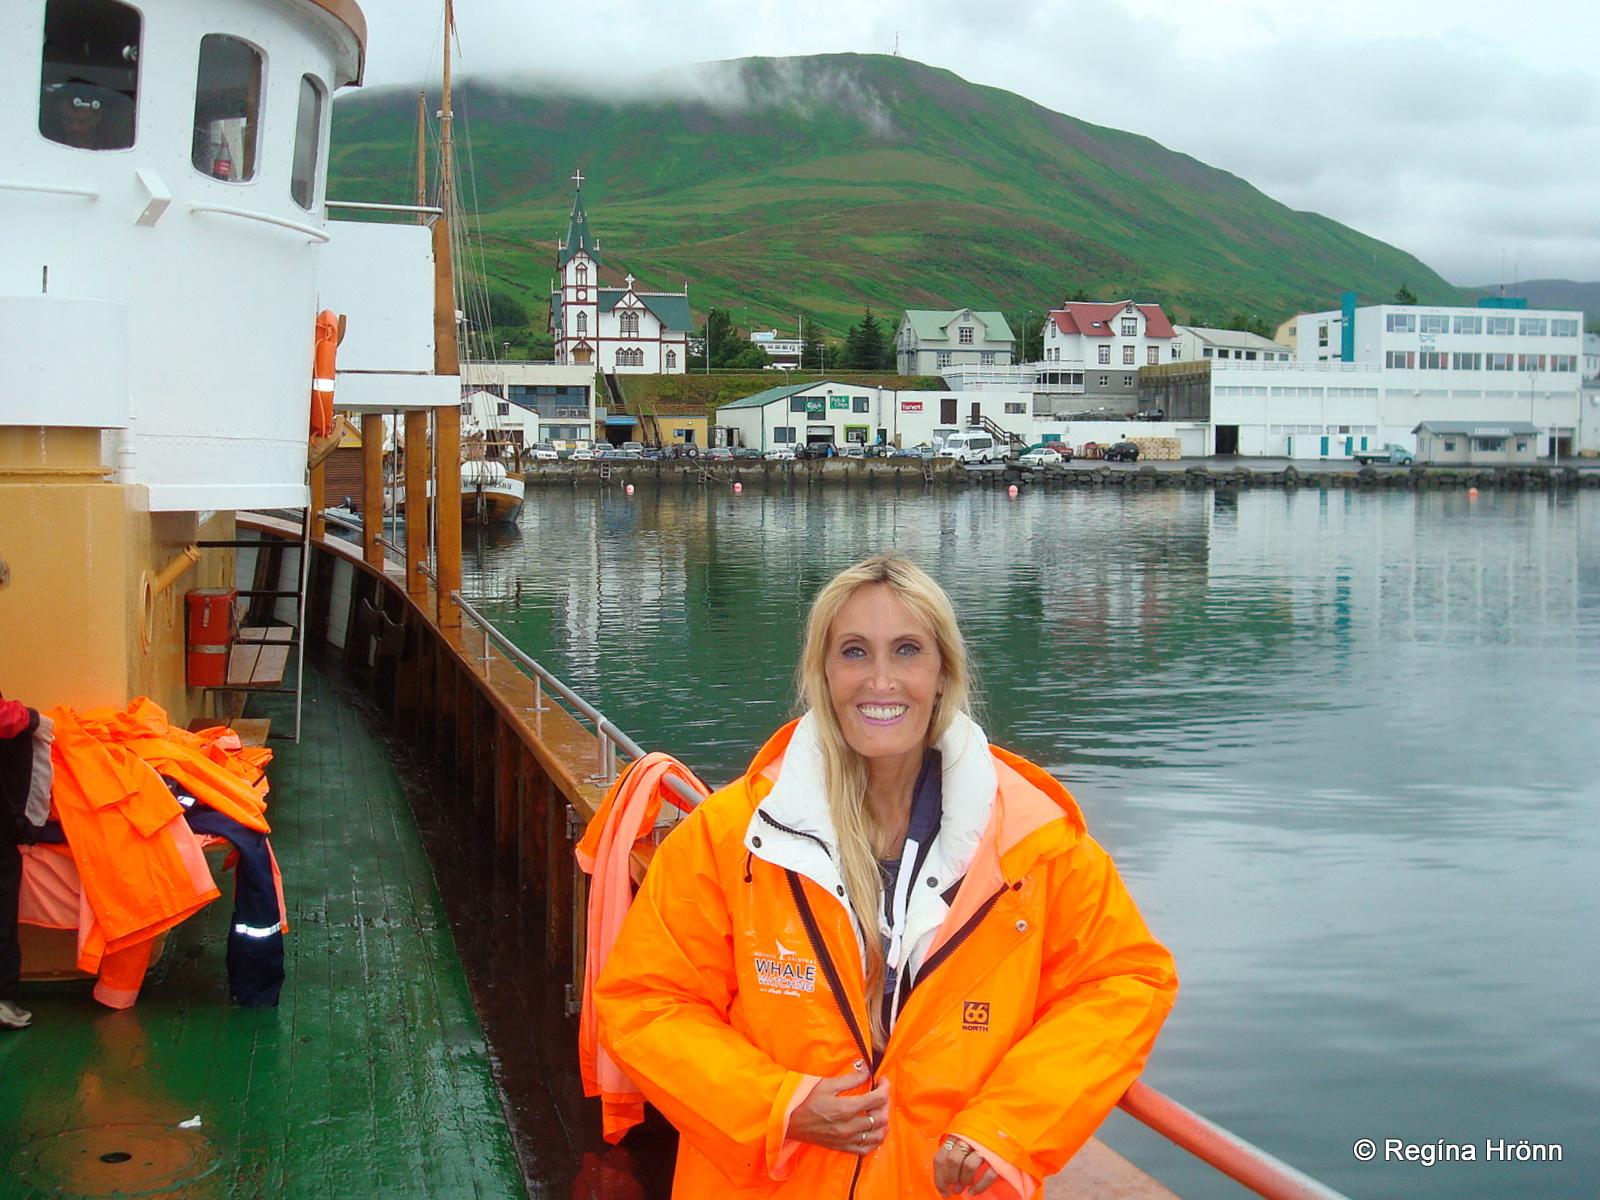 Regína on a whale watching tour from Húsavík